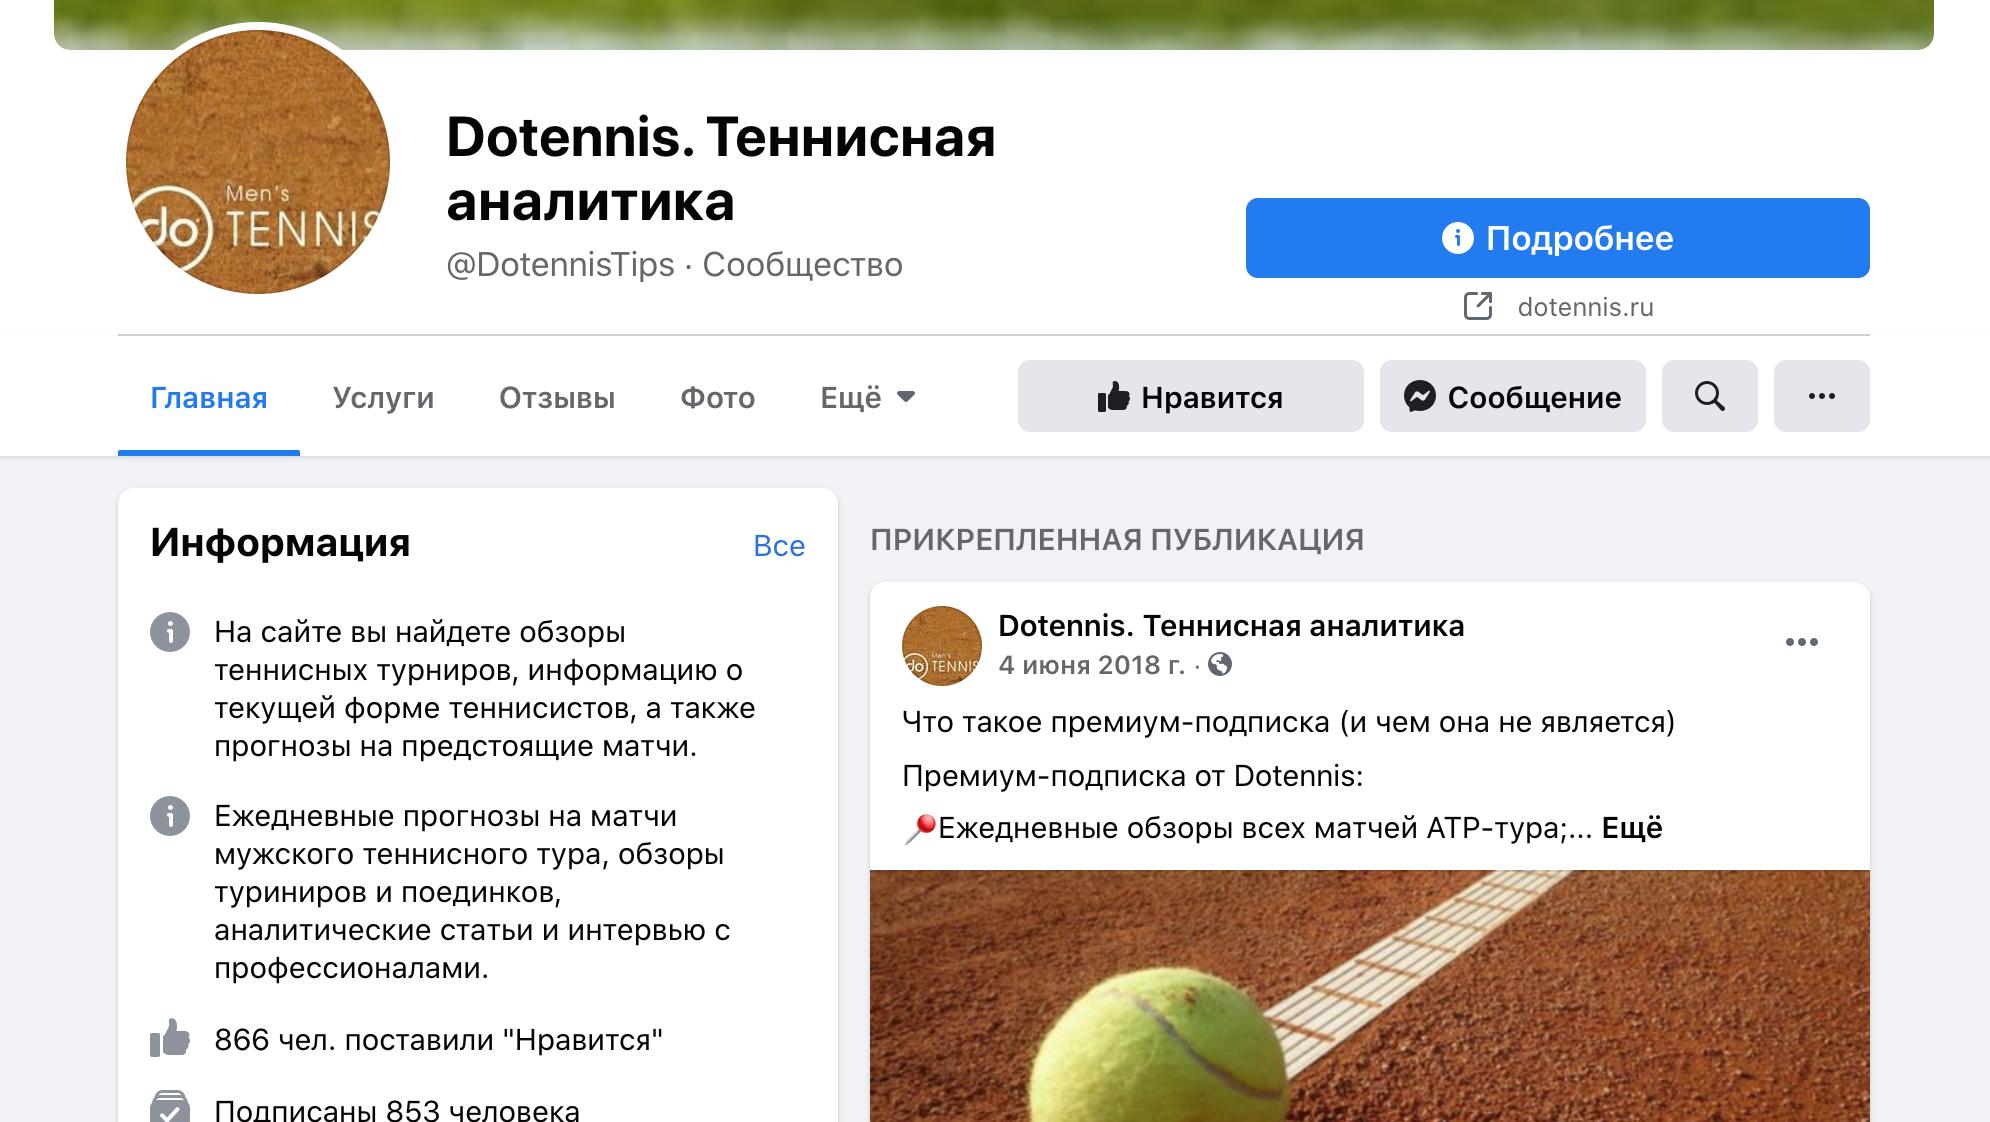 Страница в Фейсбук Dotennis